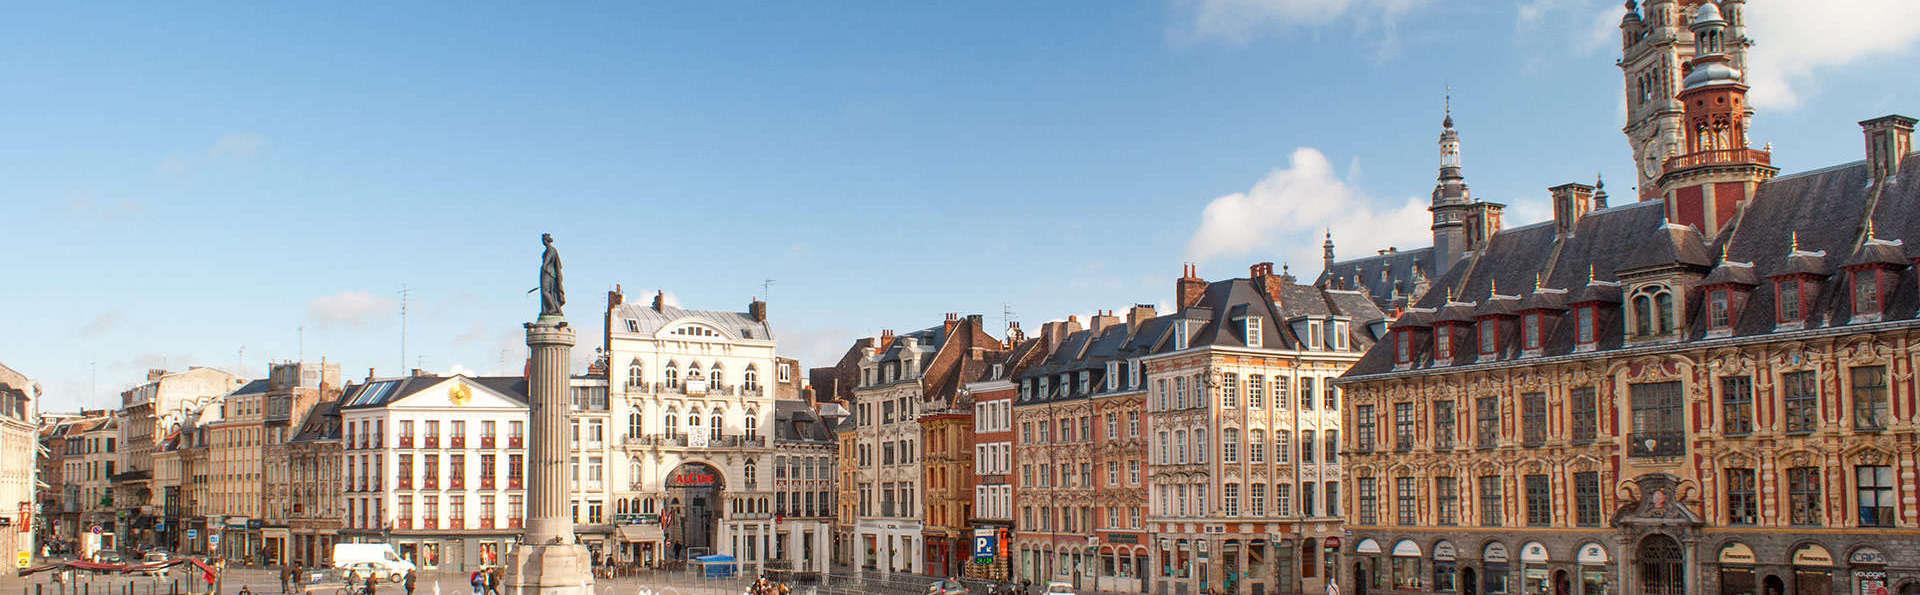 Mercure Lille Centre Vieux Lille - EDIT_Lille.jpg